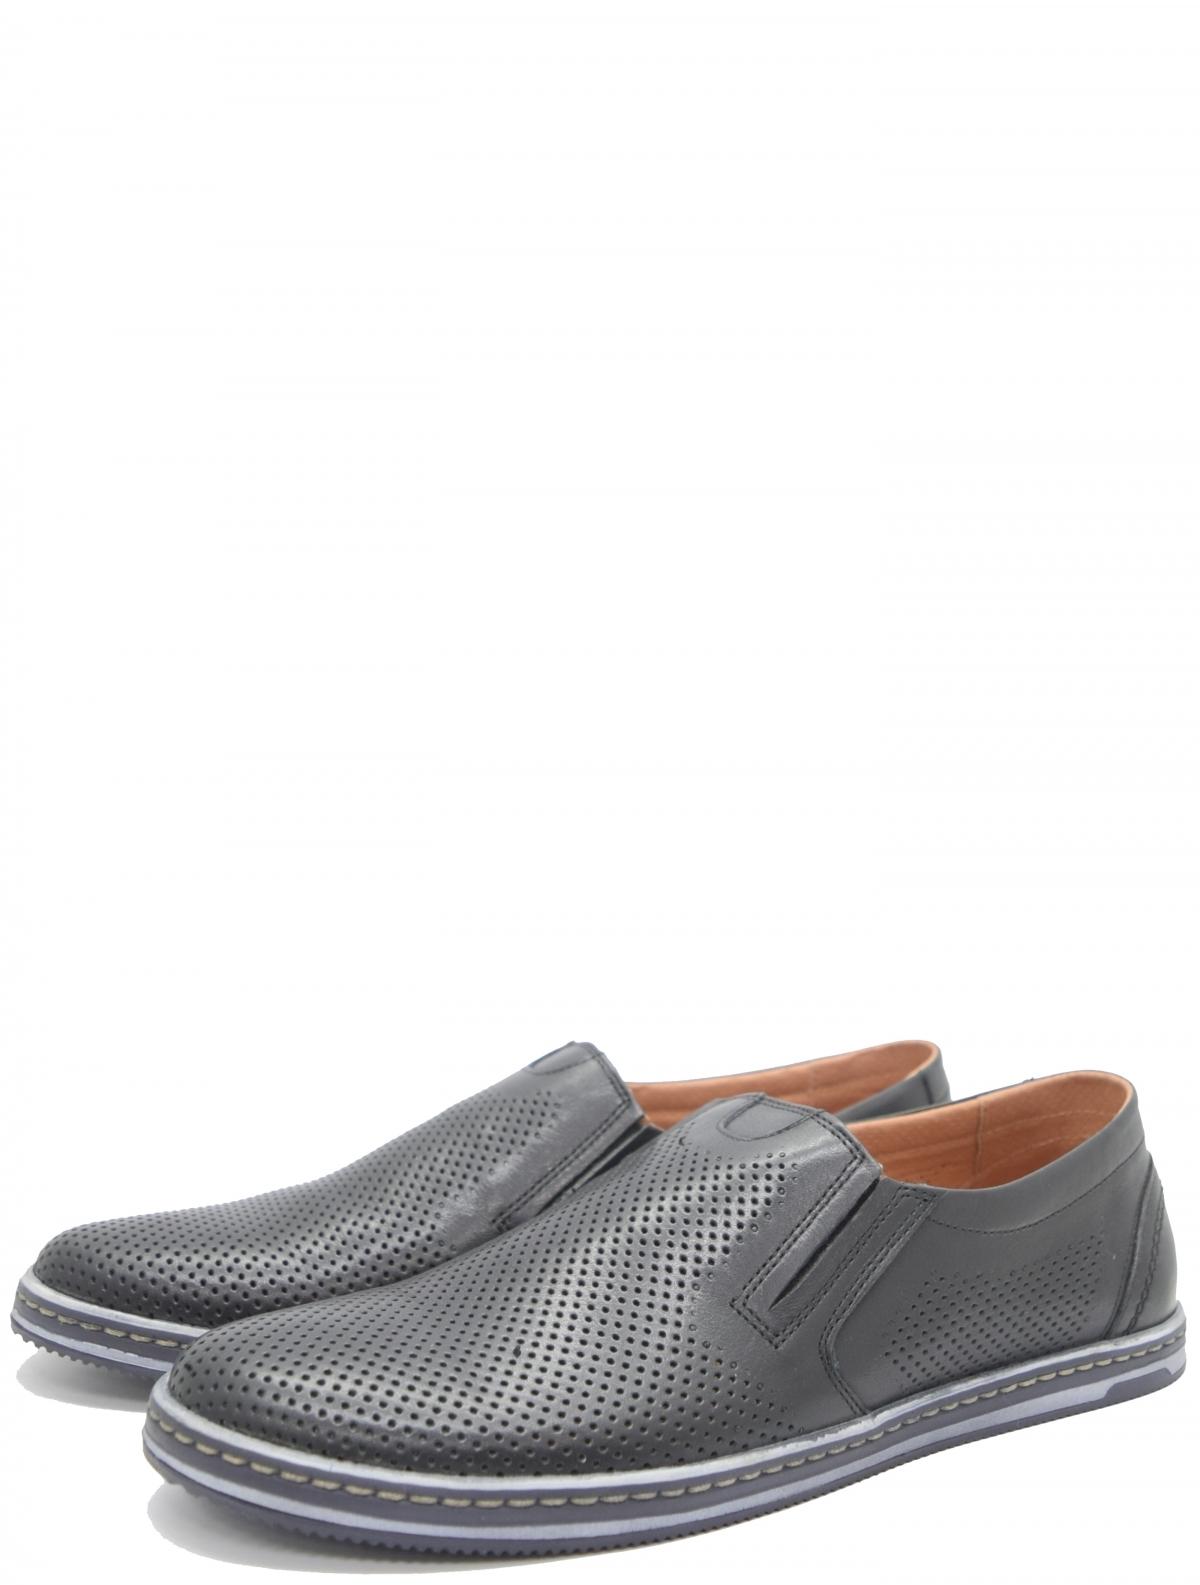 BastoM 1843/1 мужские туфли